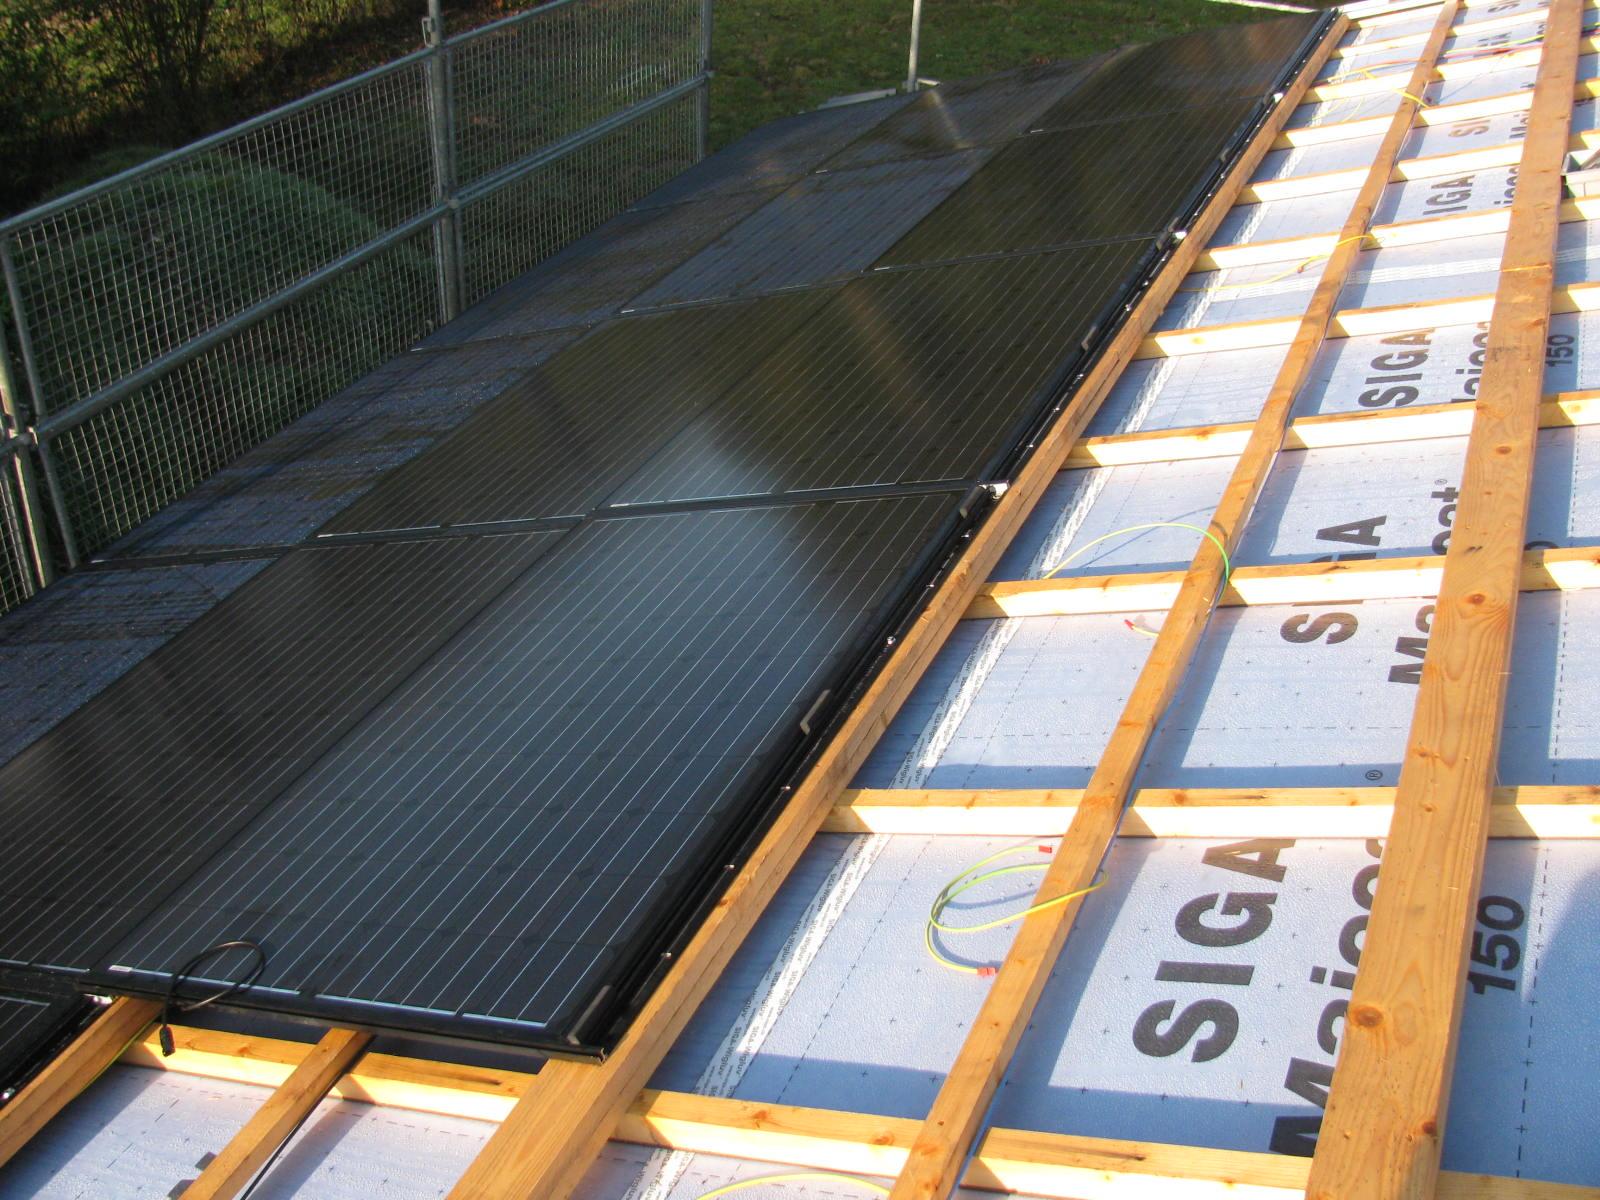 Cellules photovoltaïques - Koutec Sàrl